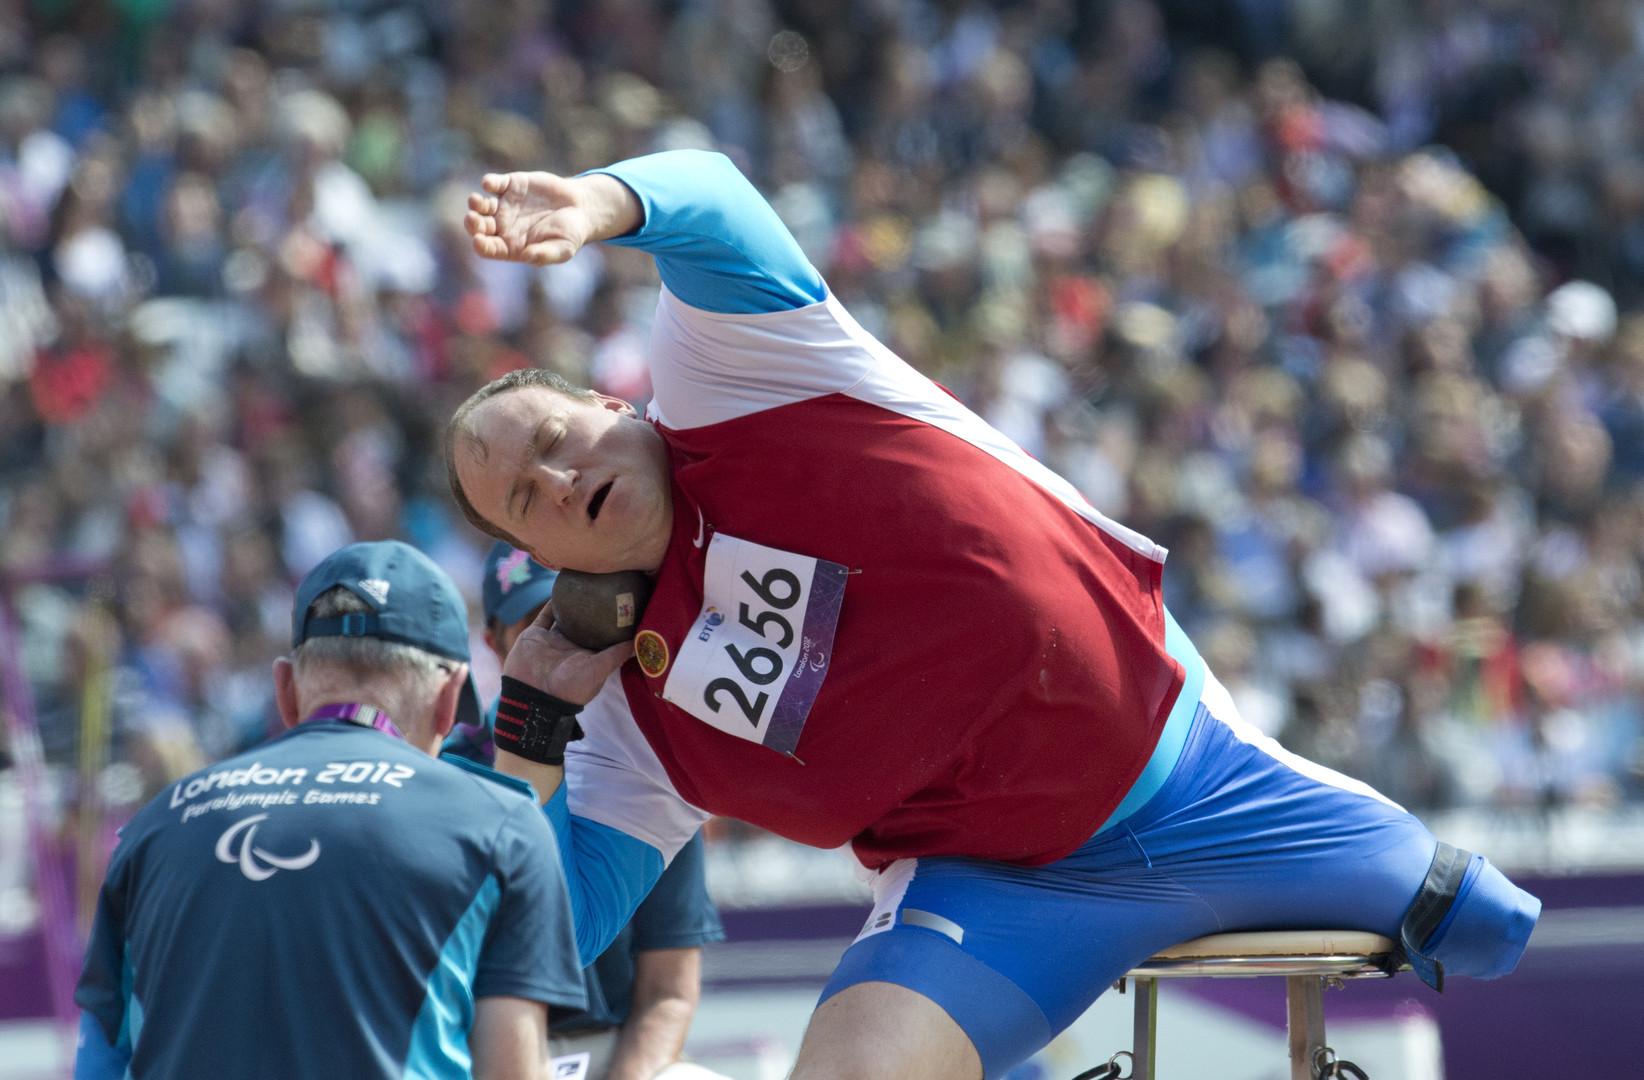 """Kugelstoßer Alexei Aschapatow bei den ХIV. Paralympischen Sommerspielen in London """"Mein Leben lang versuche ich, für eine gesunde Lebensweise zu werben. Vielleicht hilft mein Beispiel Menschen, auch schwierige Lebenssituation zu überwinden"""", so Alexei Aschapatow."""